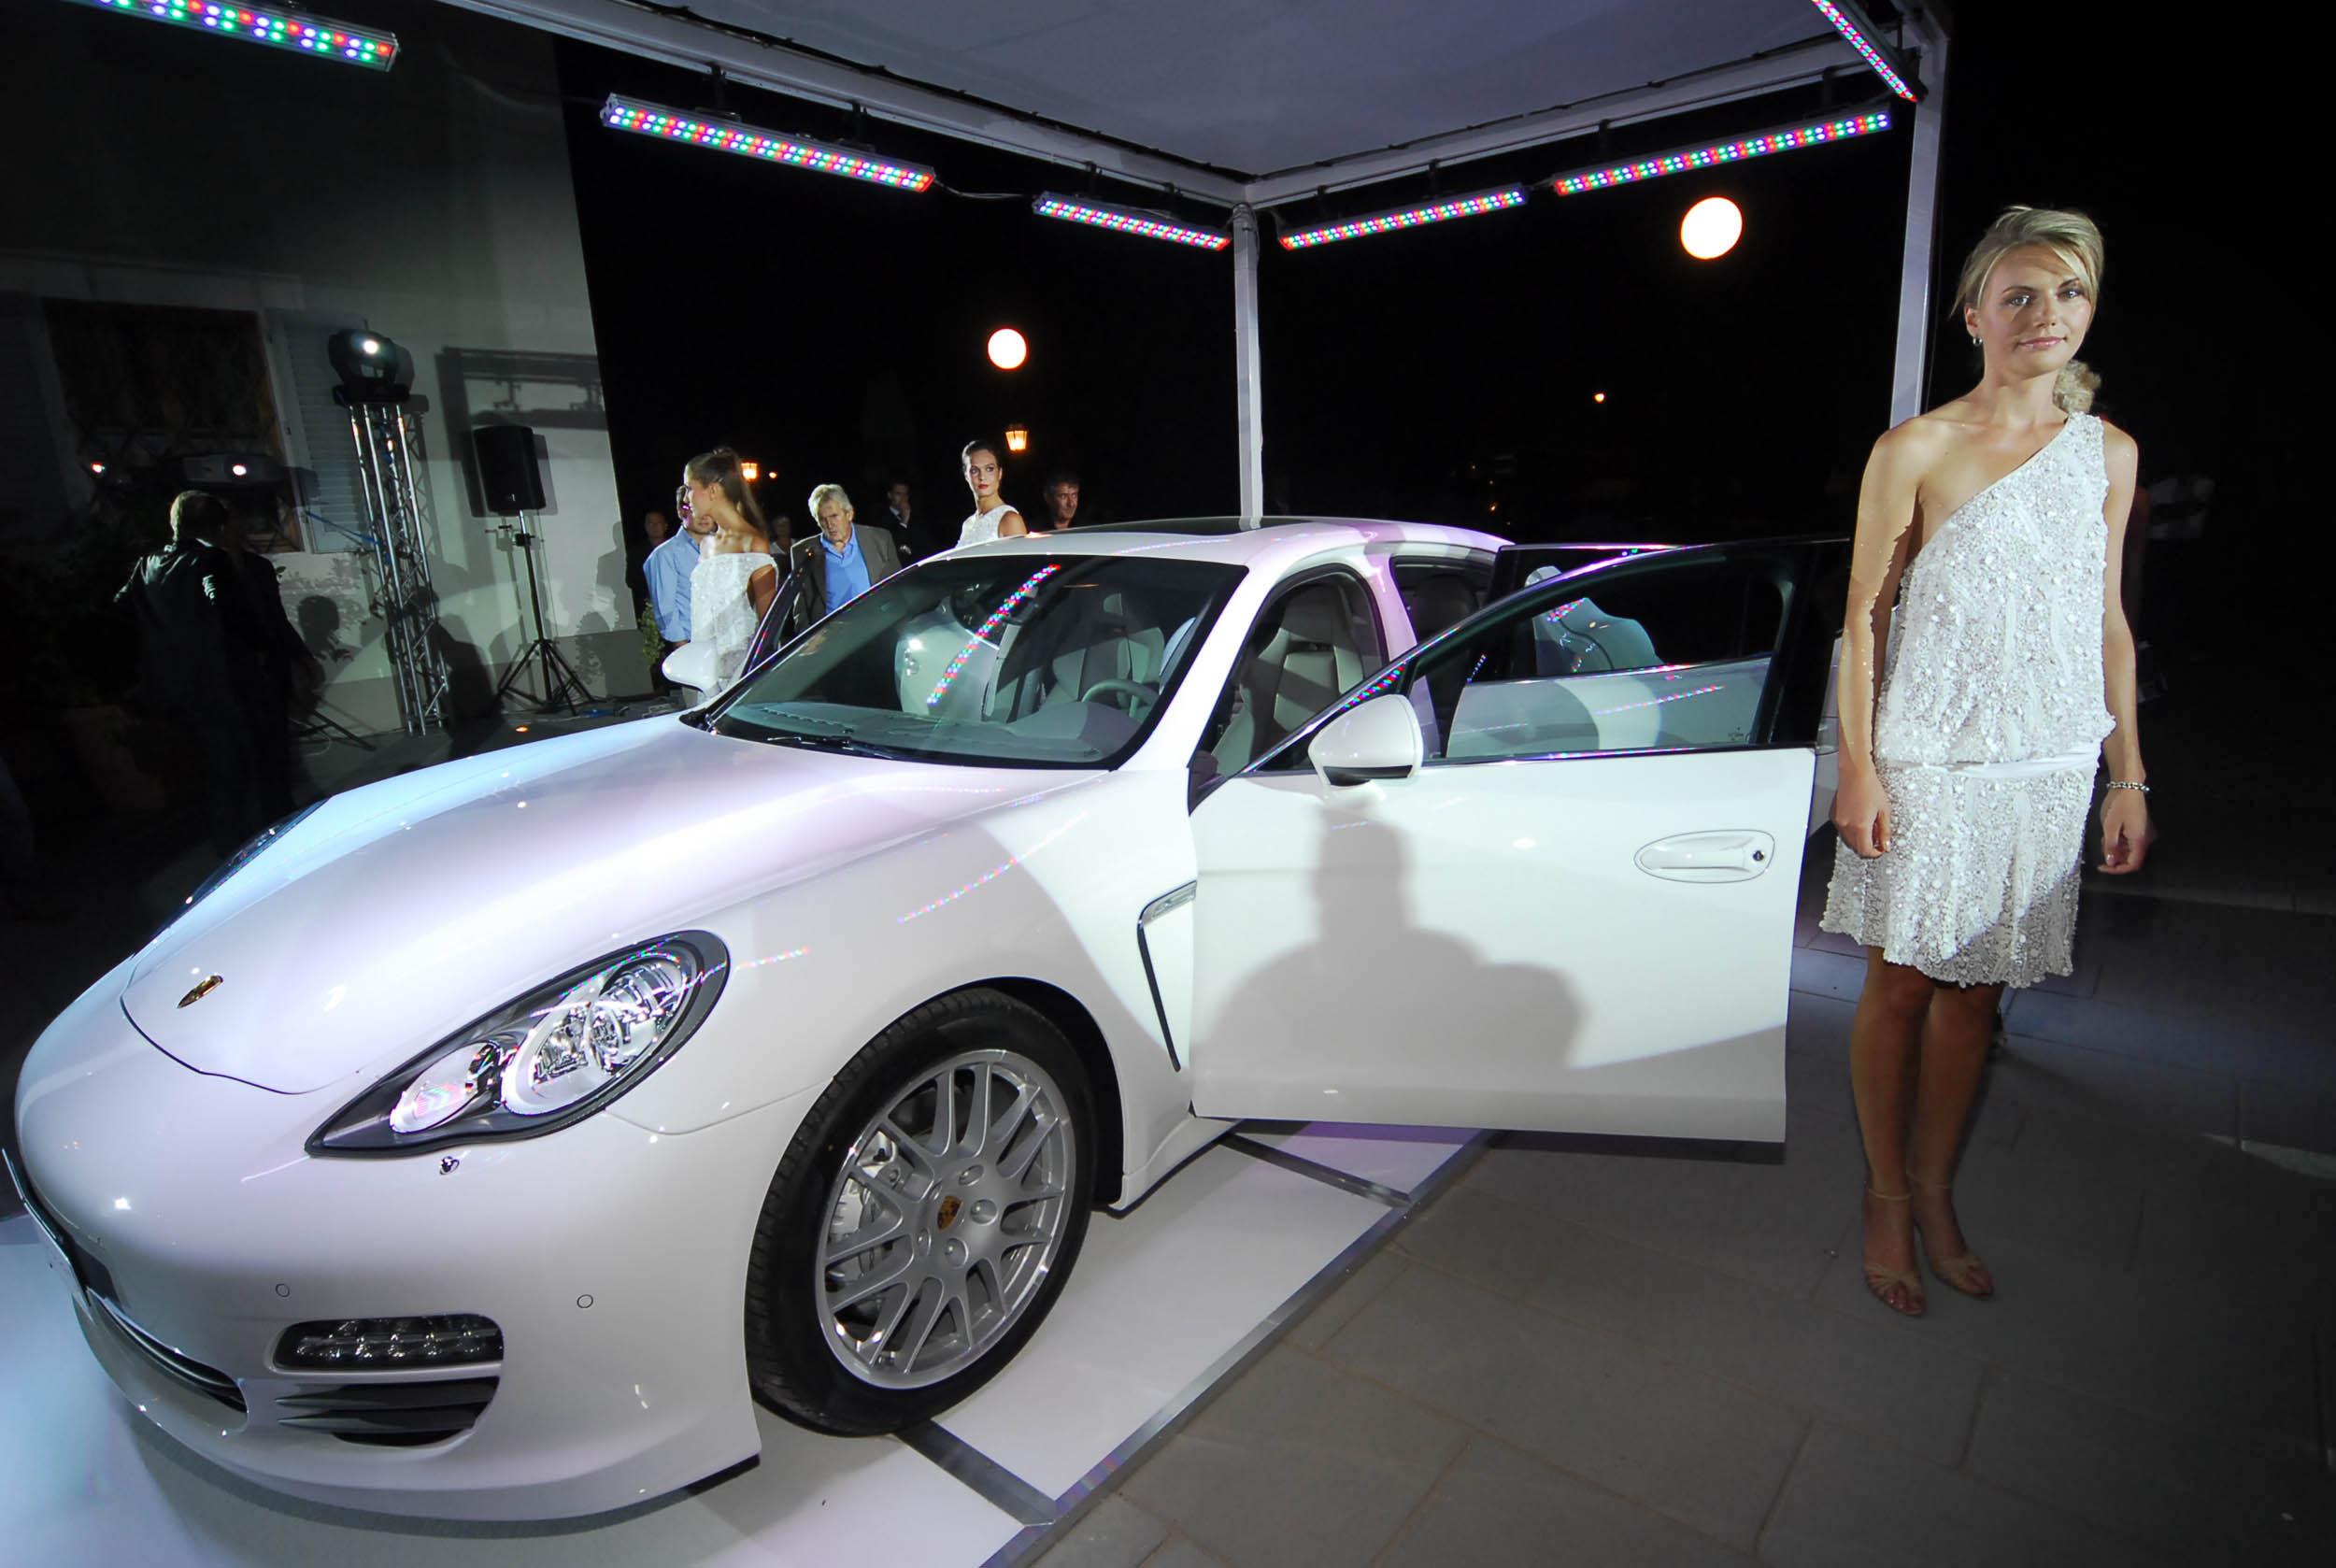 PRESSPHOTO  Firenze, Resort Villa Olmi, presentazione Porsche Panamera. Nella foto